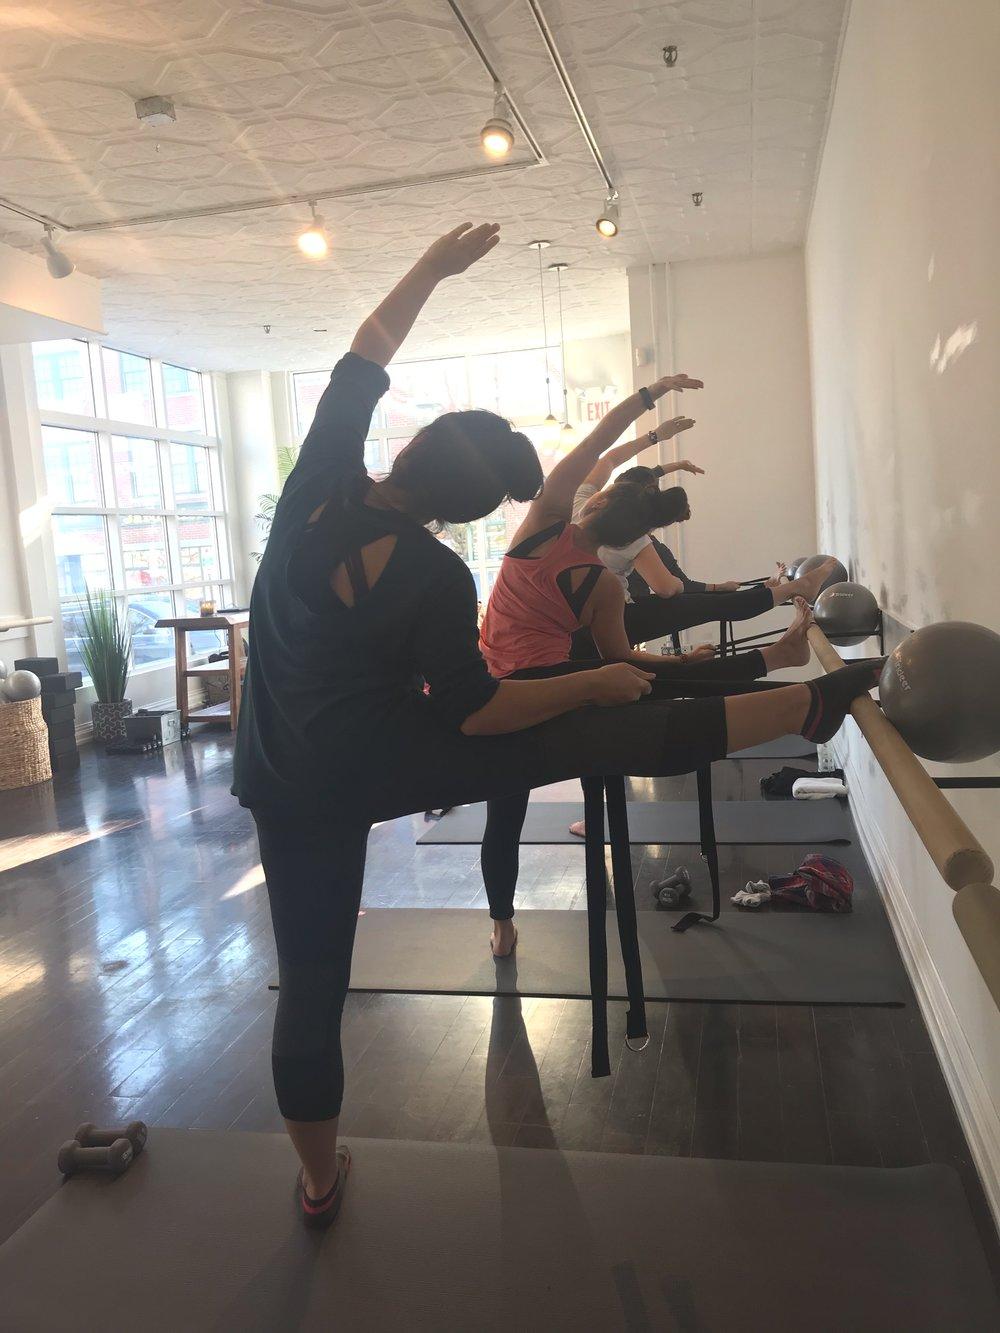 ttrengthen, stretch & lengthen